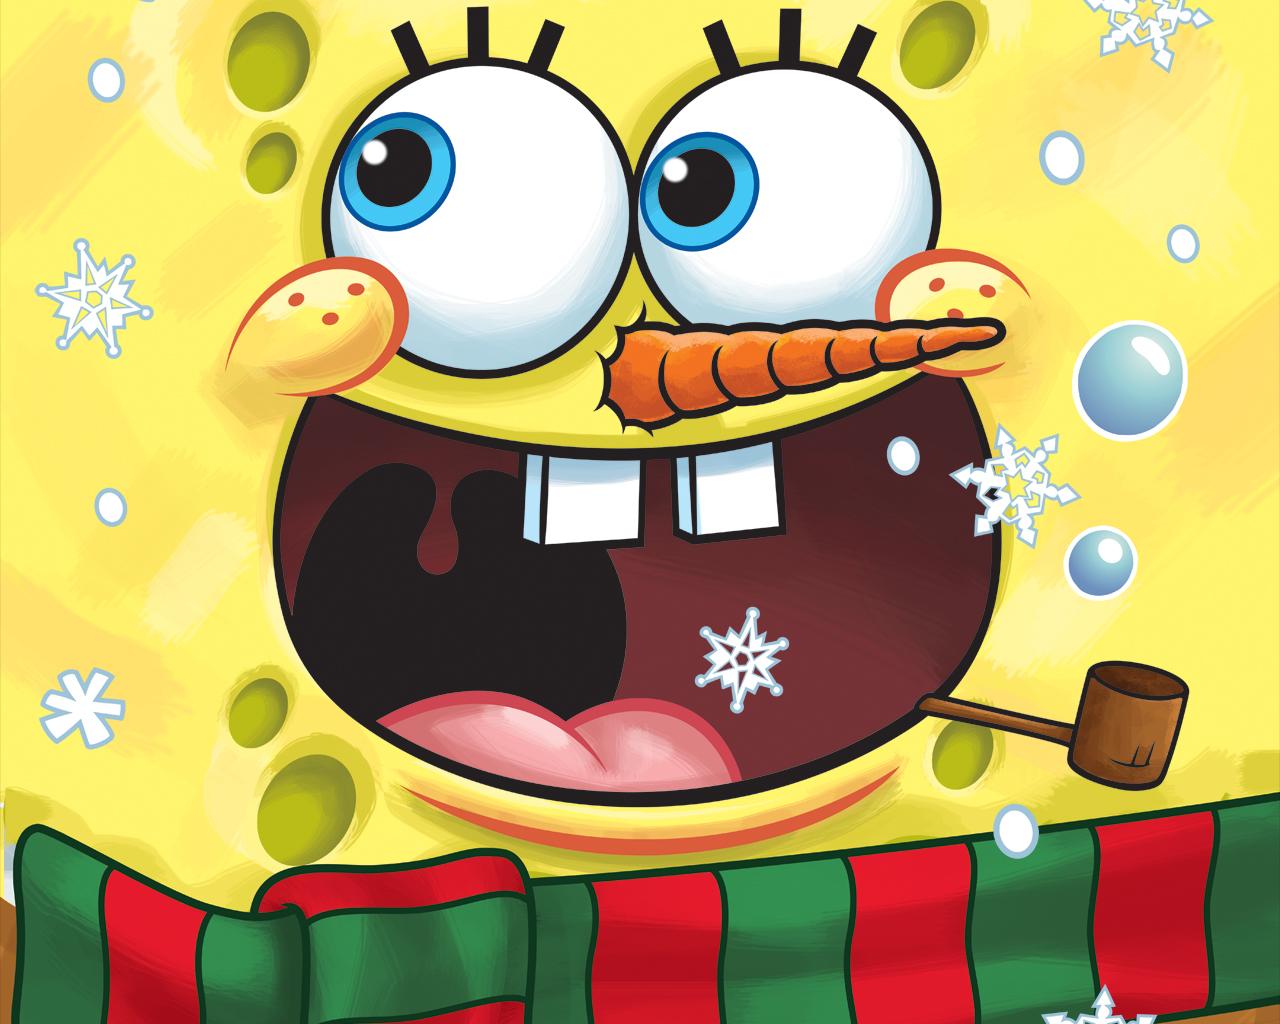 Spongebob squarepants spongebob schwammkopf